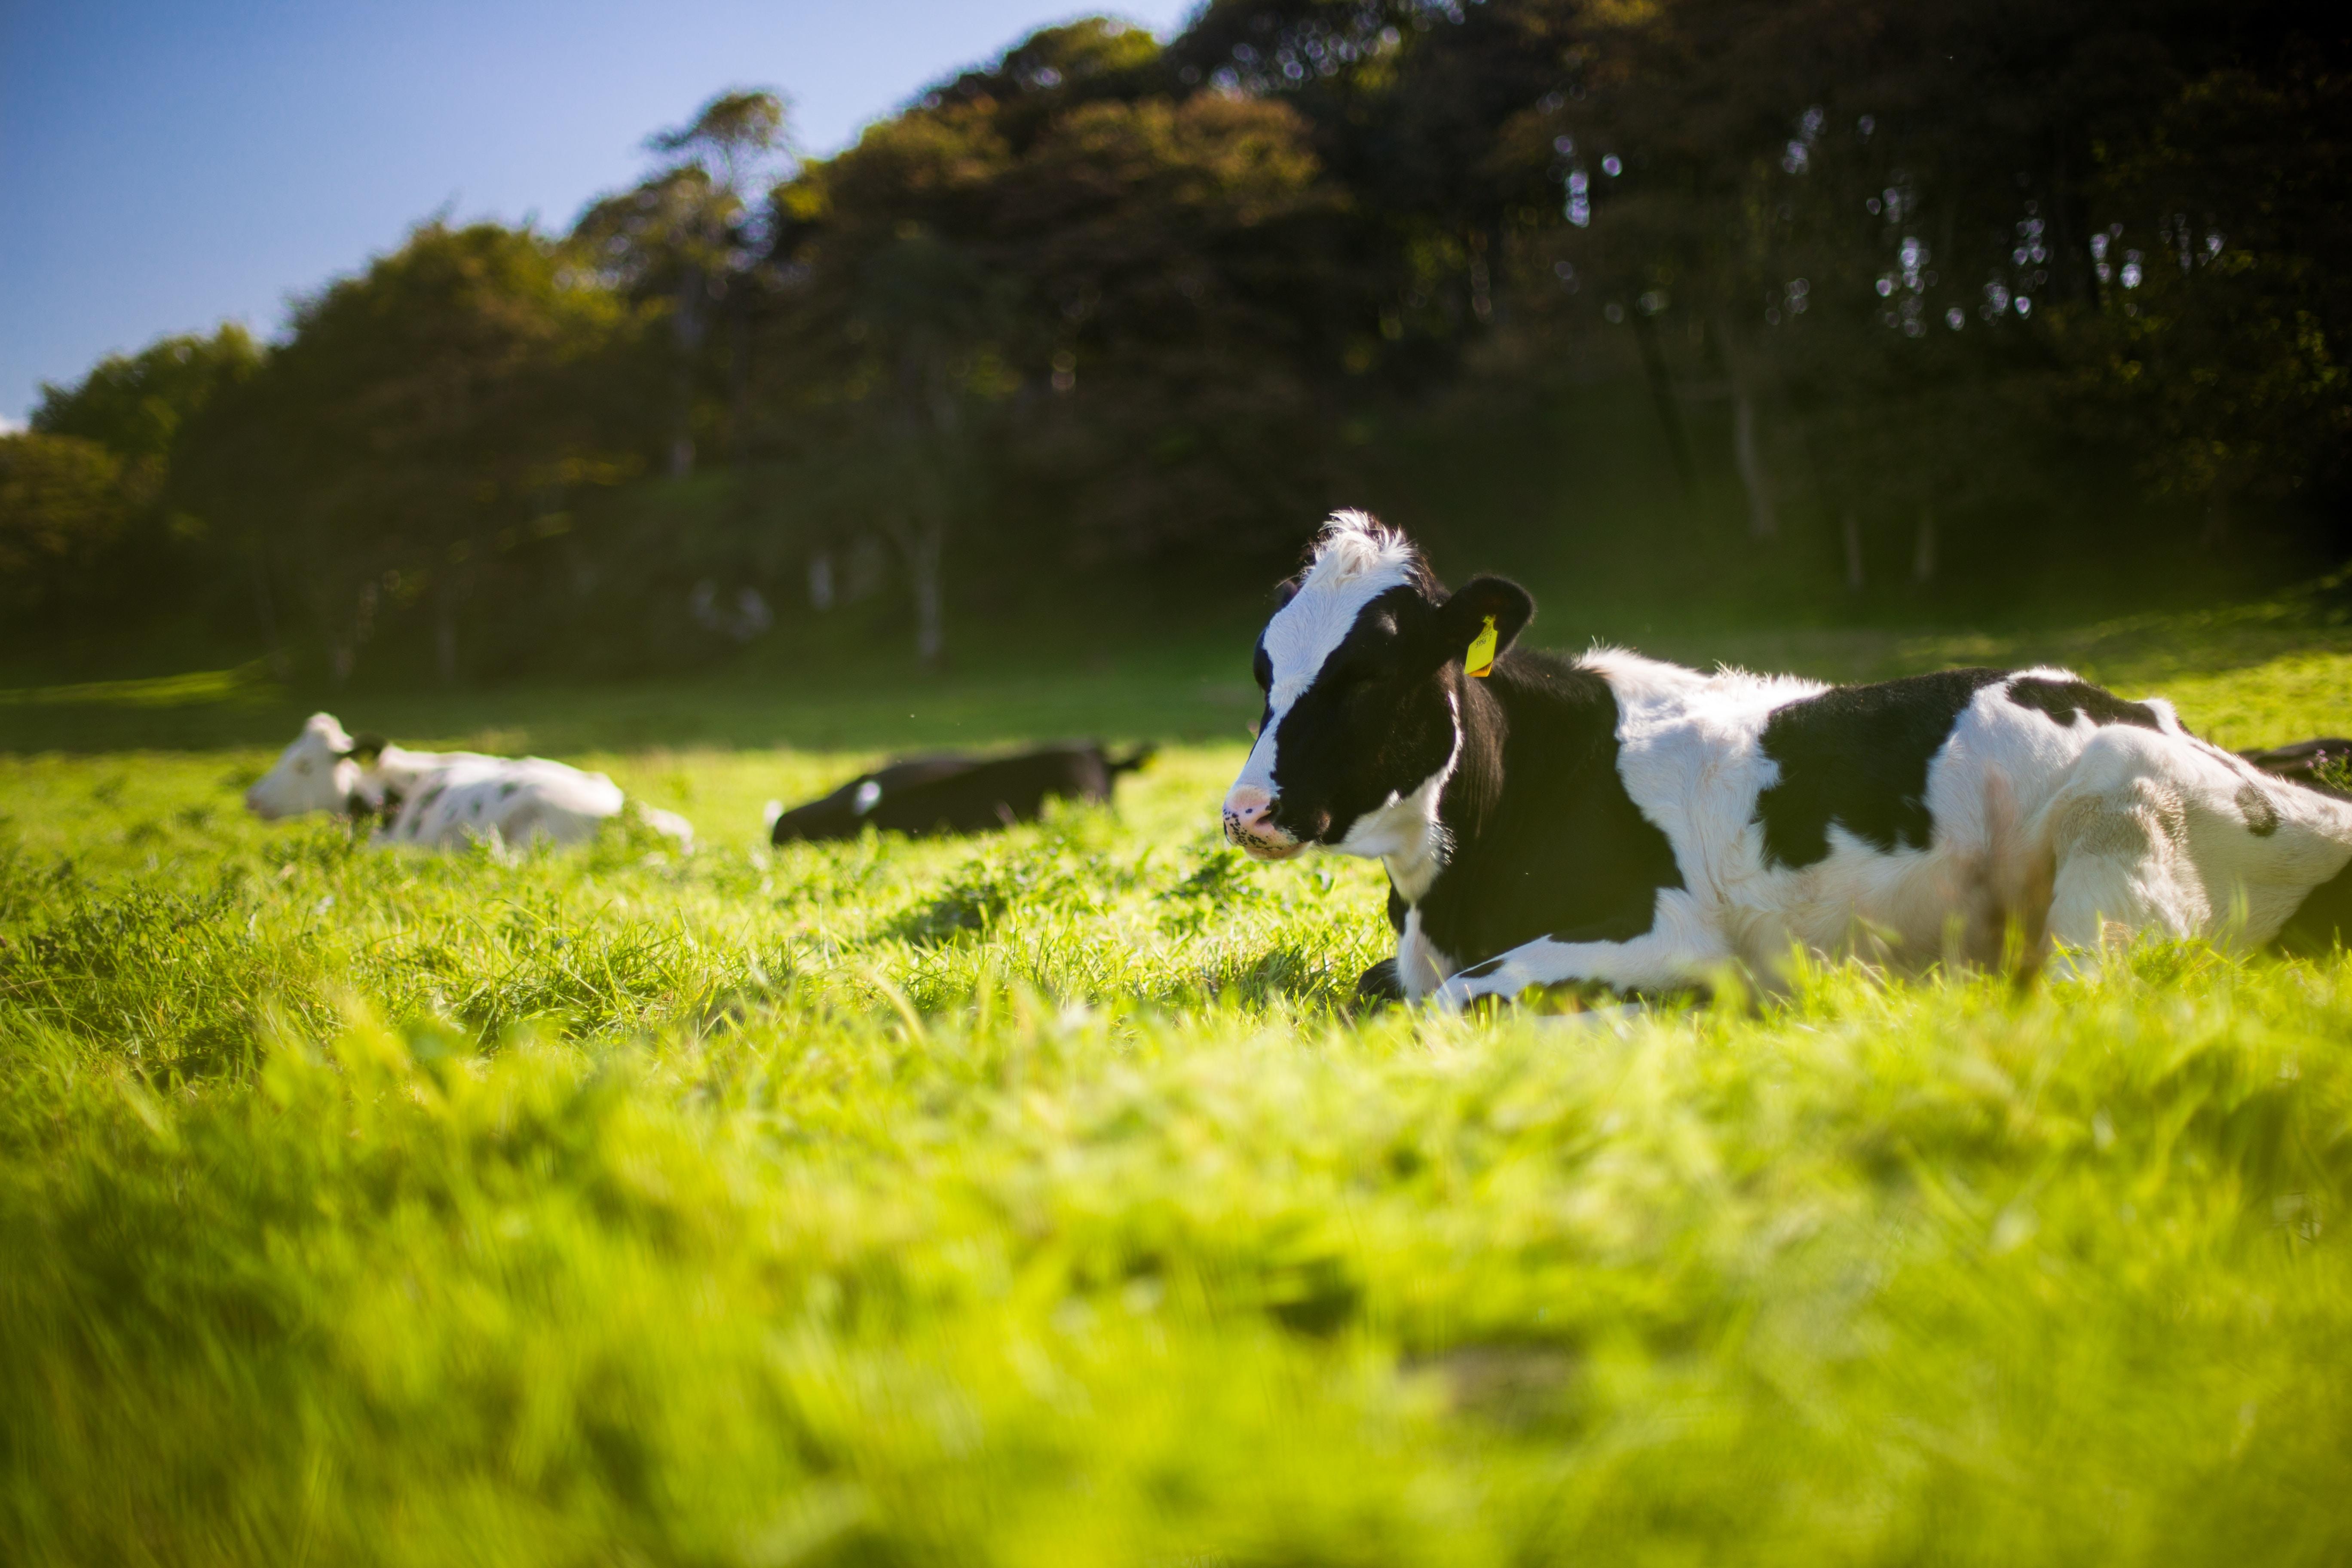 【夢占い】夢で牛を見たのは何のサインは?牛の夢占いを徹底解説